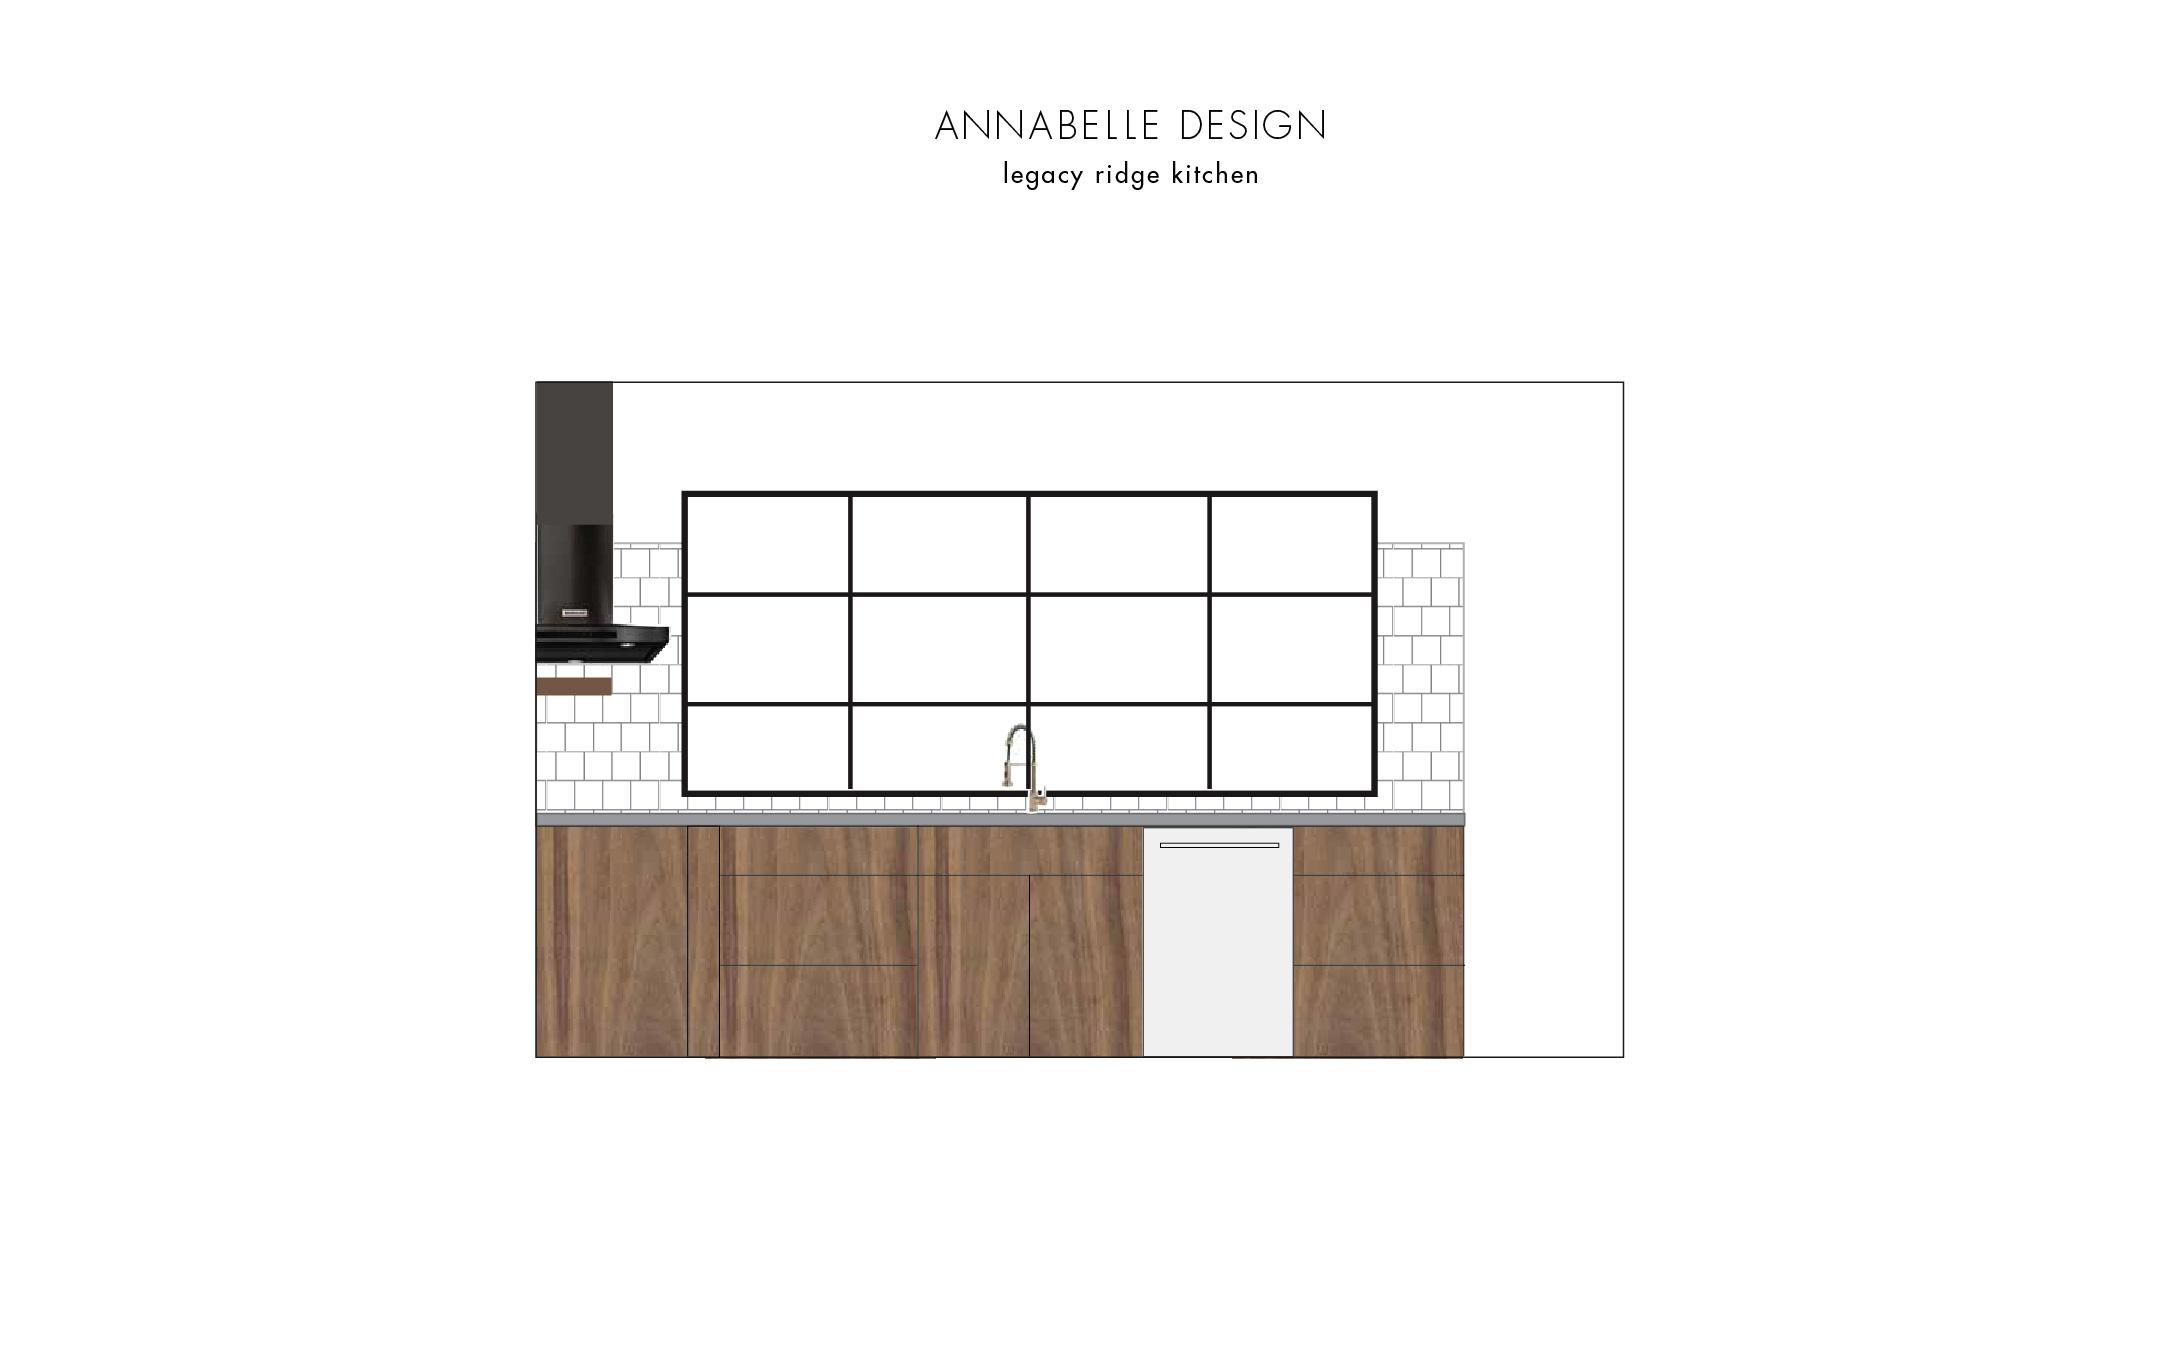 LegacyRidge-DesignBoardsConstructWeb-03.jpg